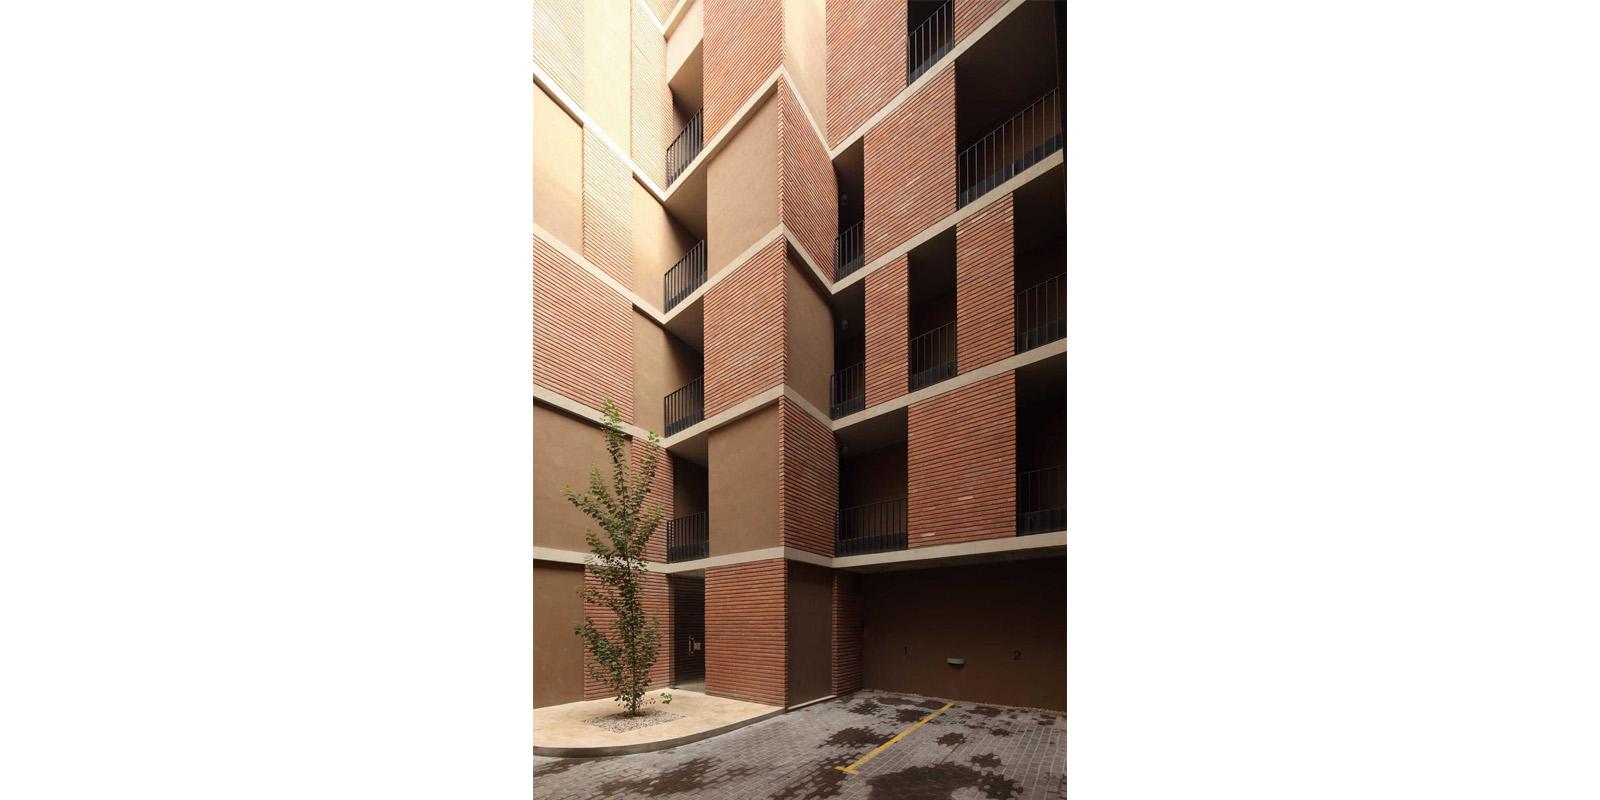 ProyectoC_Arquitectos_Portfolio_05_Vergara